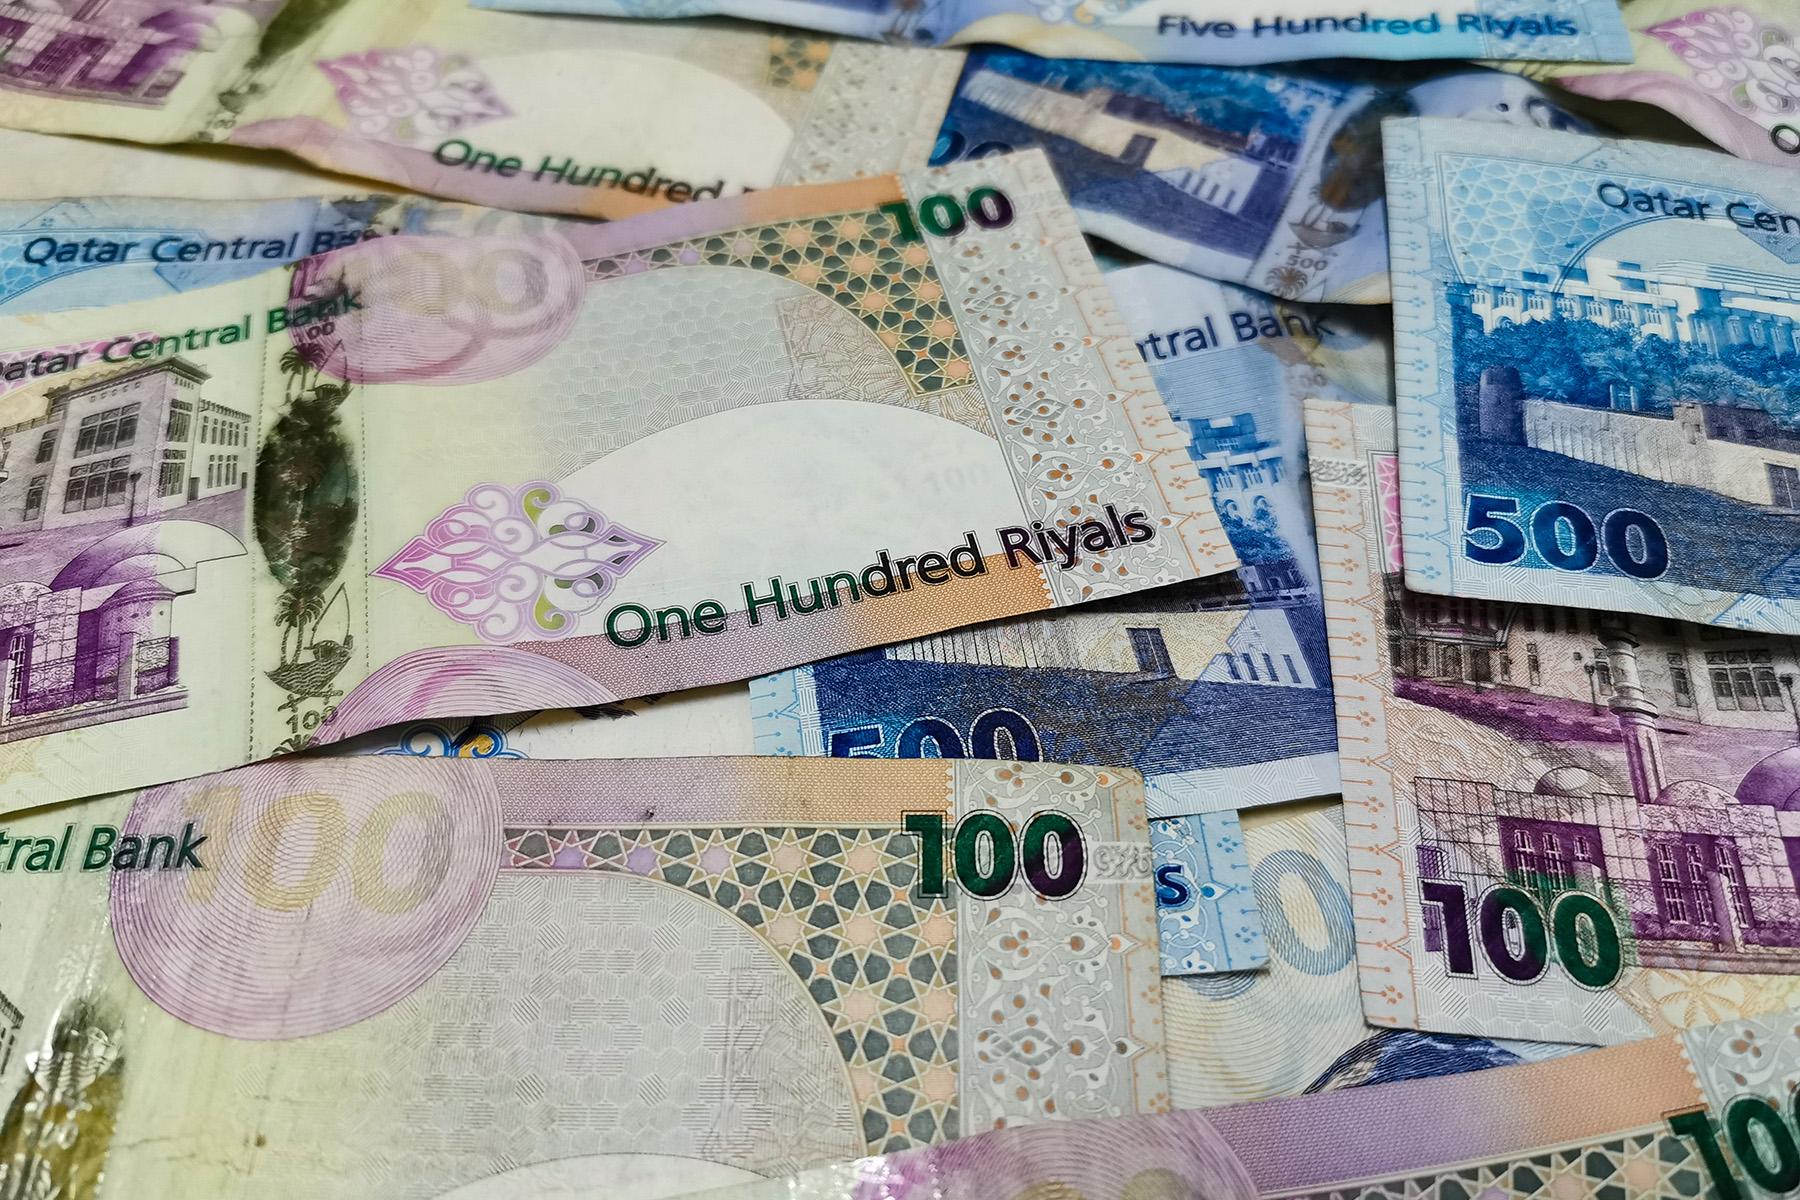 Qatari riyal bills